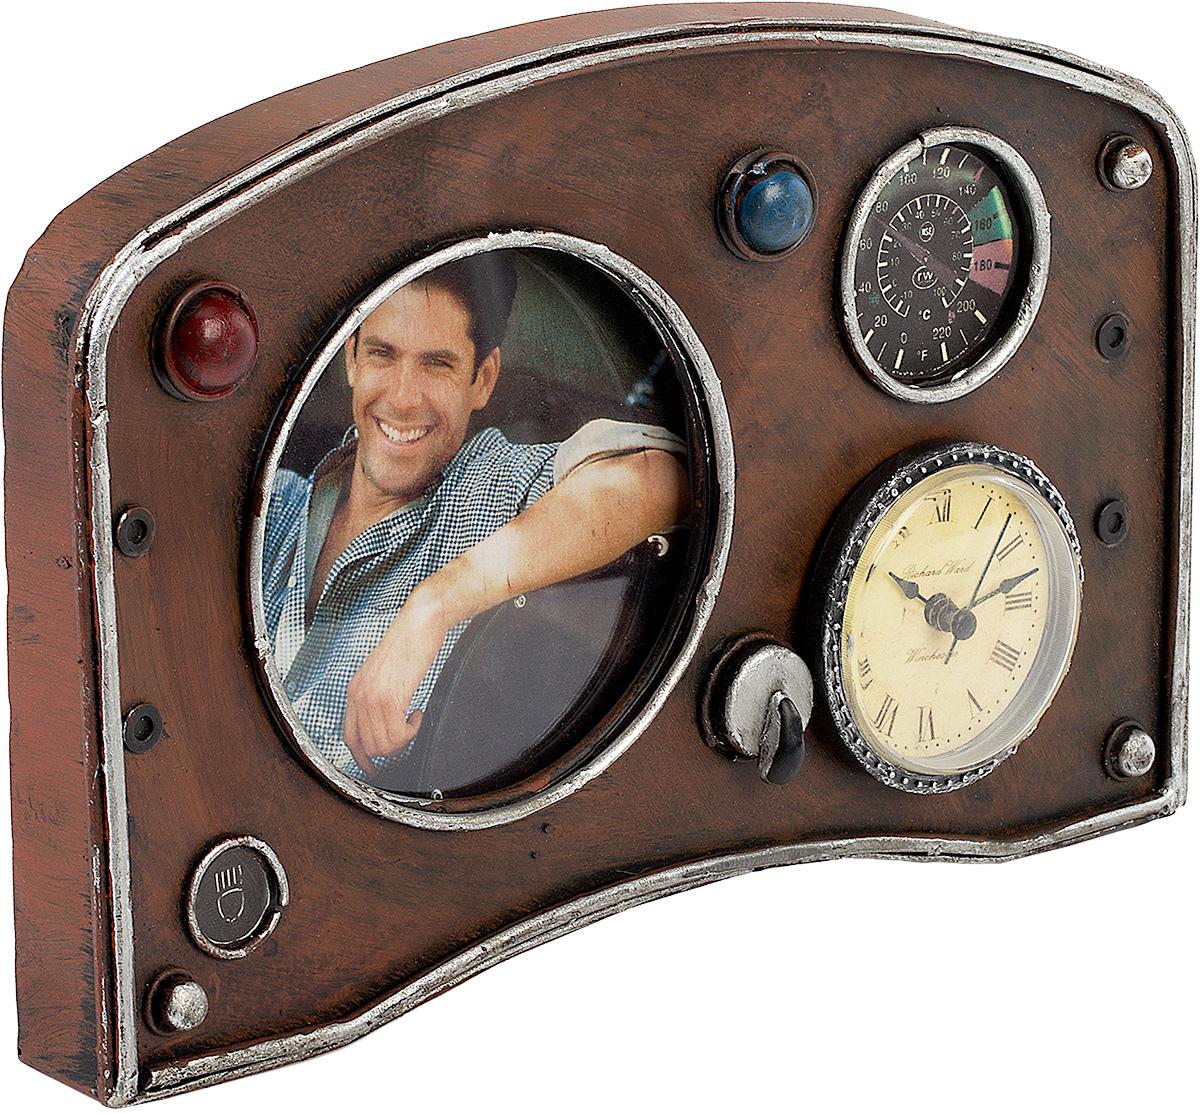 Фоторамка с часами Platinum Панель приборов, цвет: коричневый. 1404B-13431404B-1343